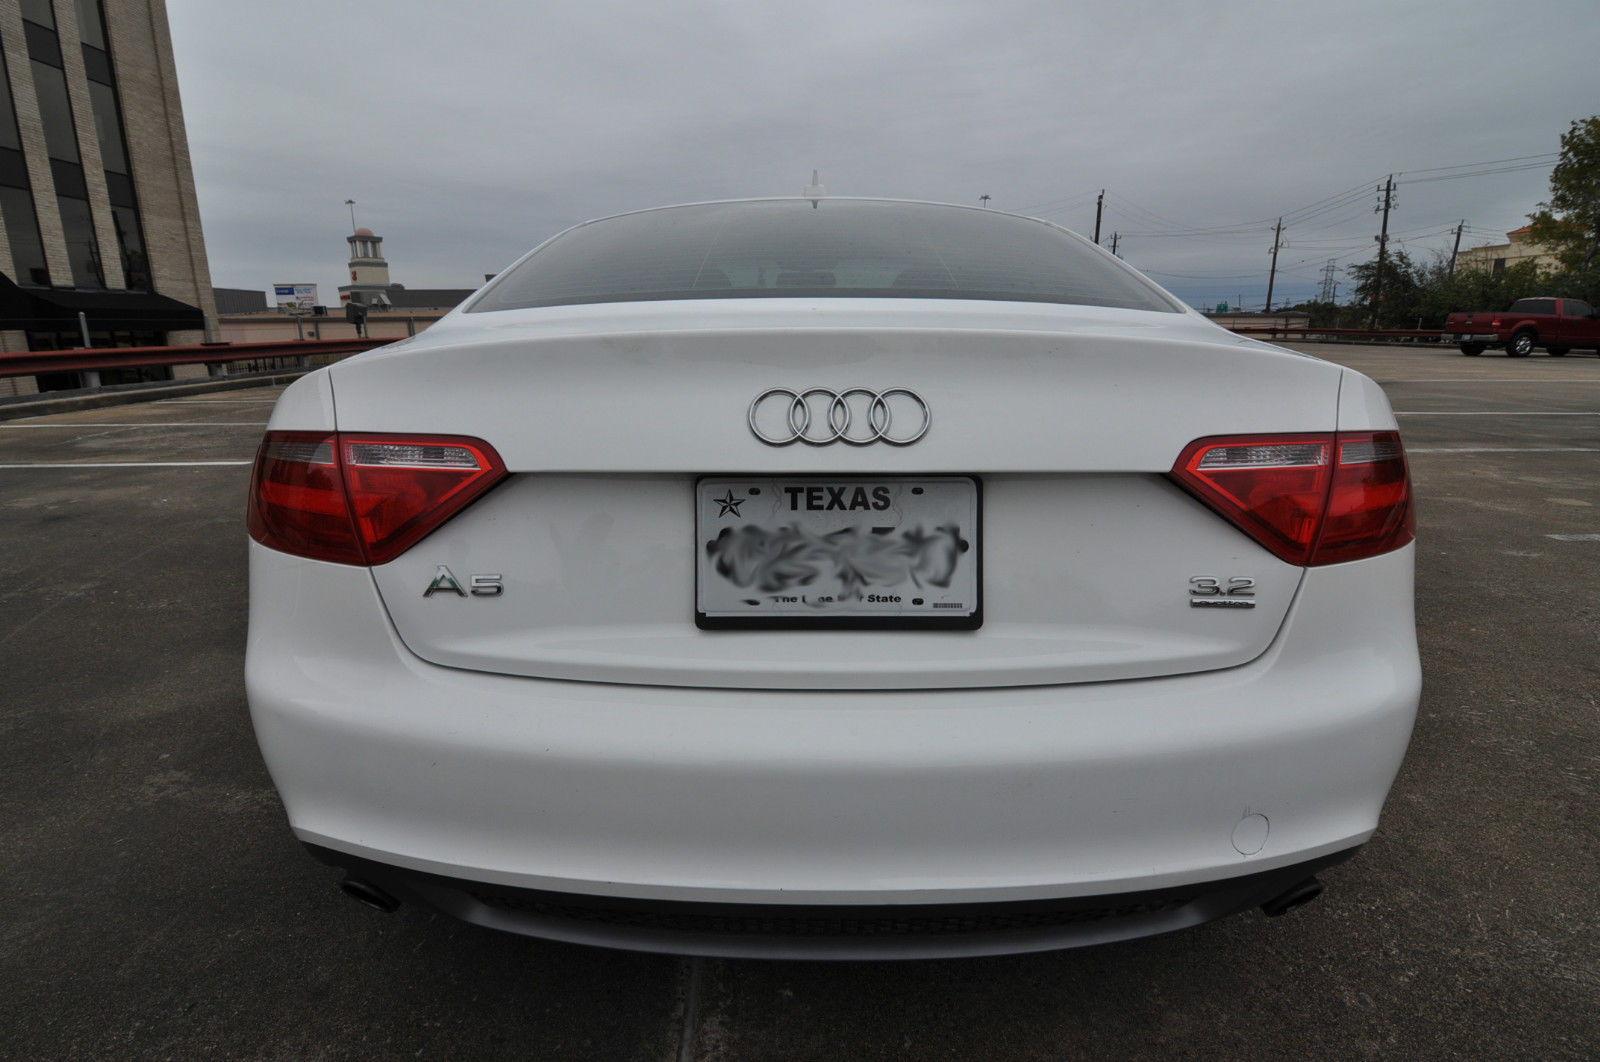 Audi A5 2009 Audi A5 S-Line Rebuilt Title - AudiWorld Forums